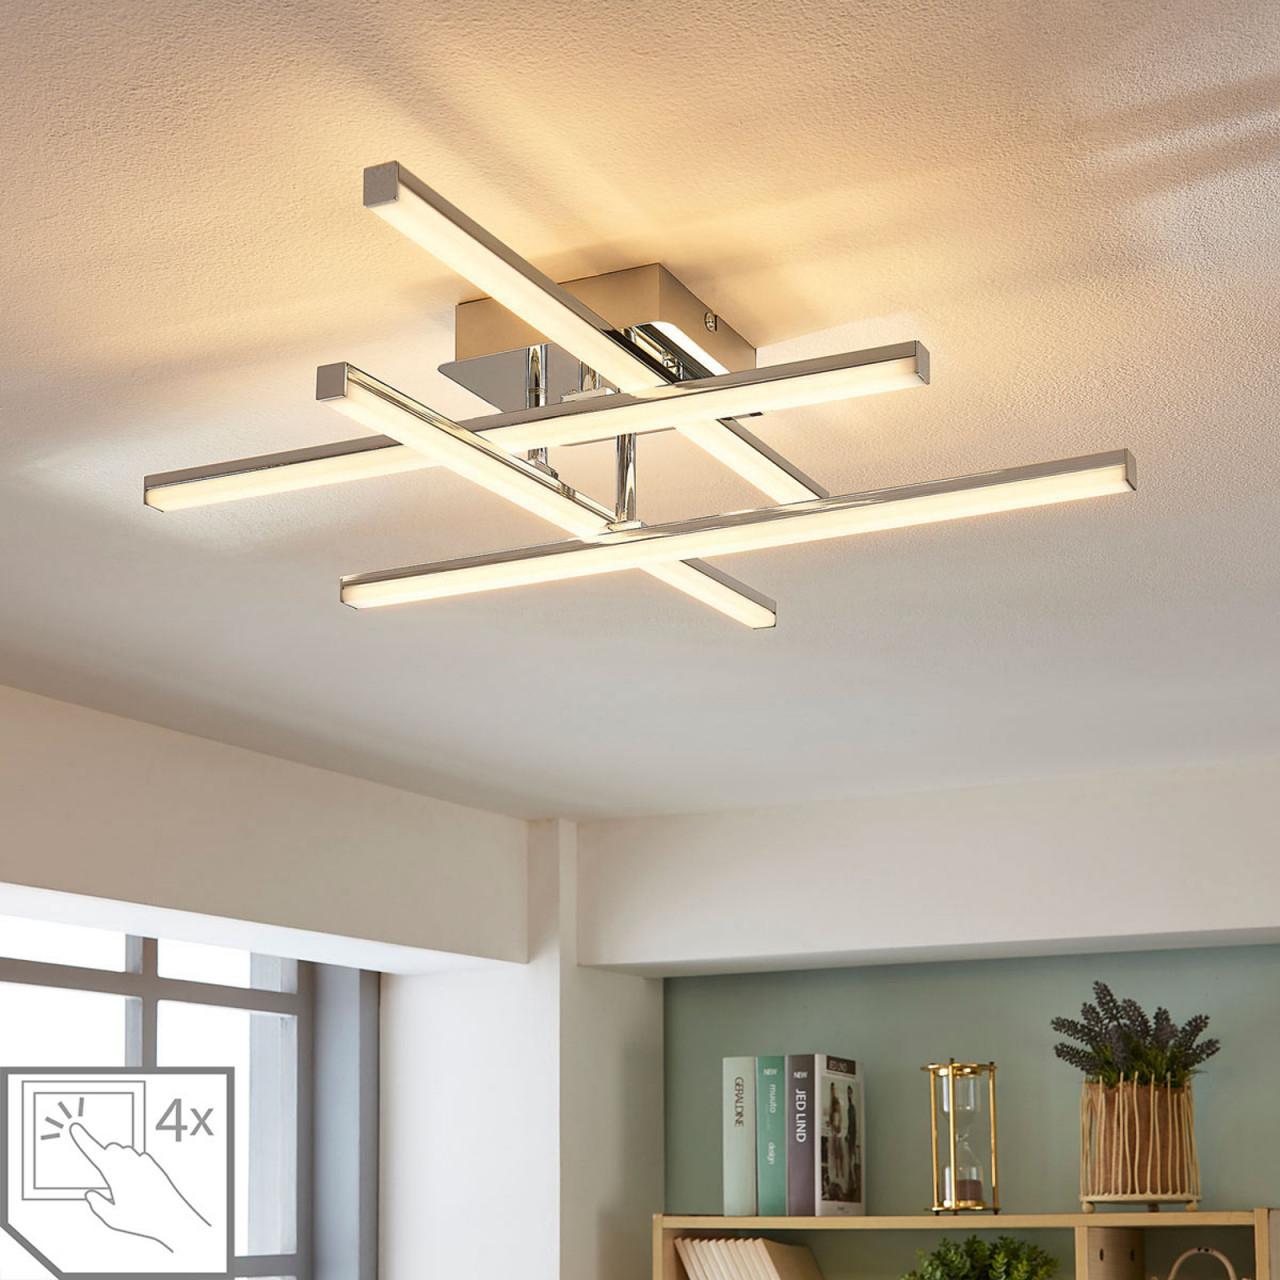 Möbel  Wohnaccessoires Küche Haushalt  Wohnen Für von Deckenlampe Led Wohnzimmer Photo